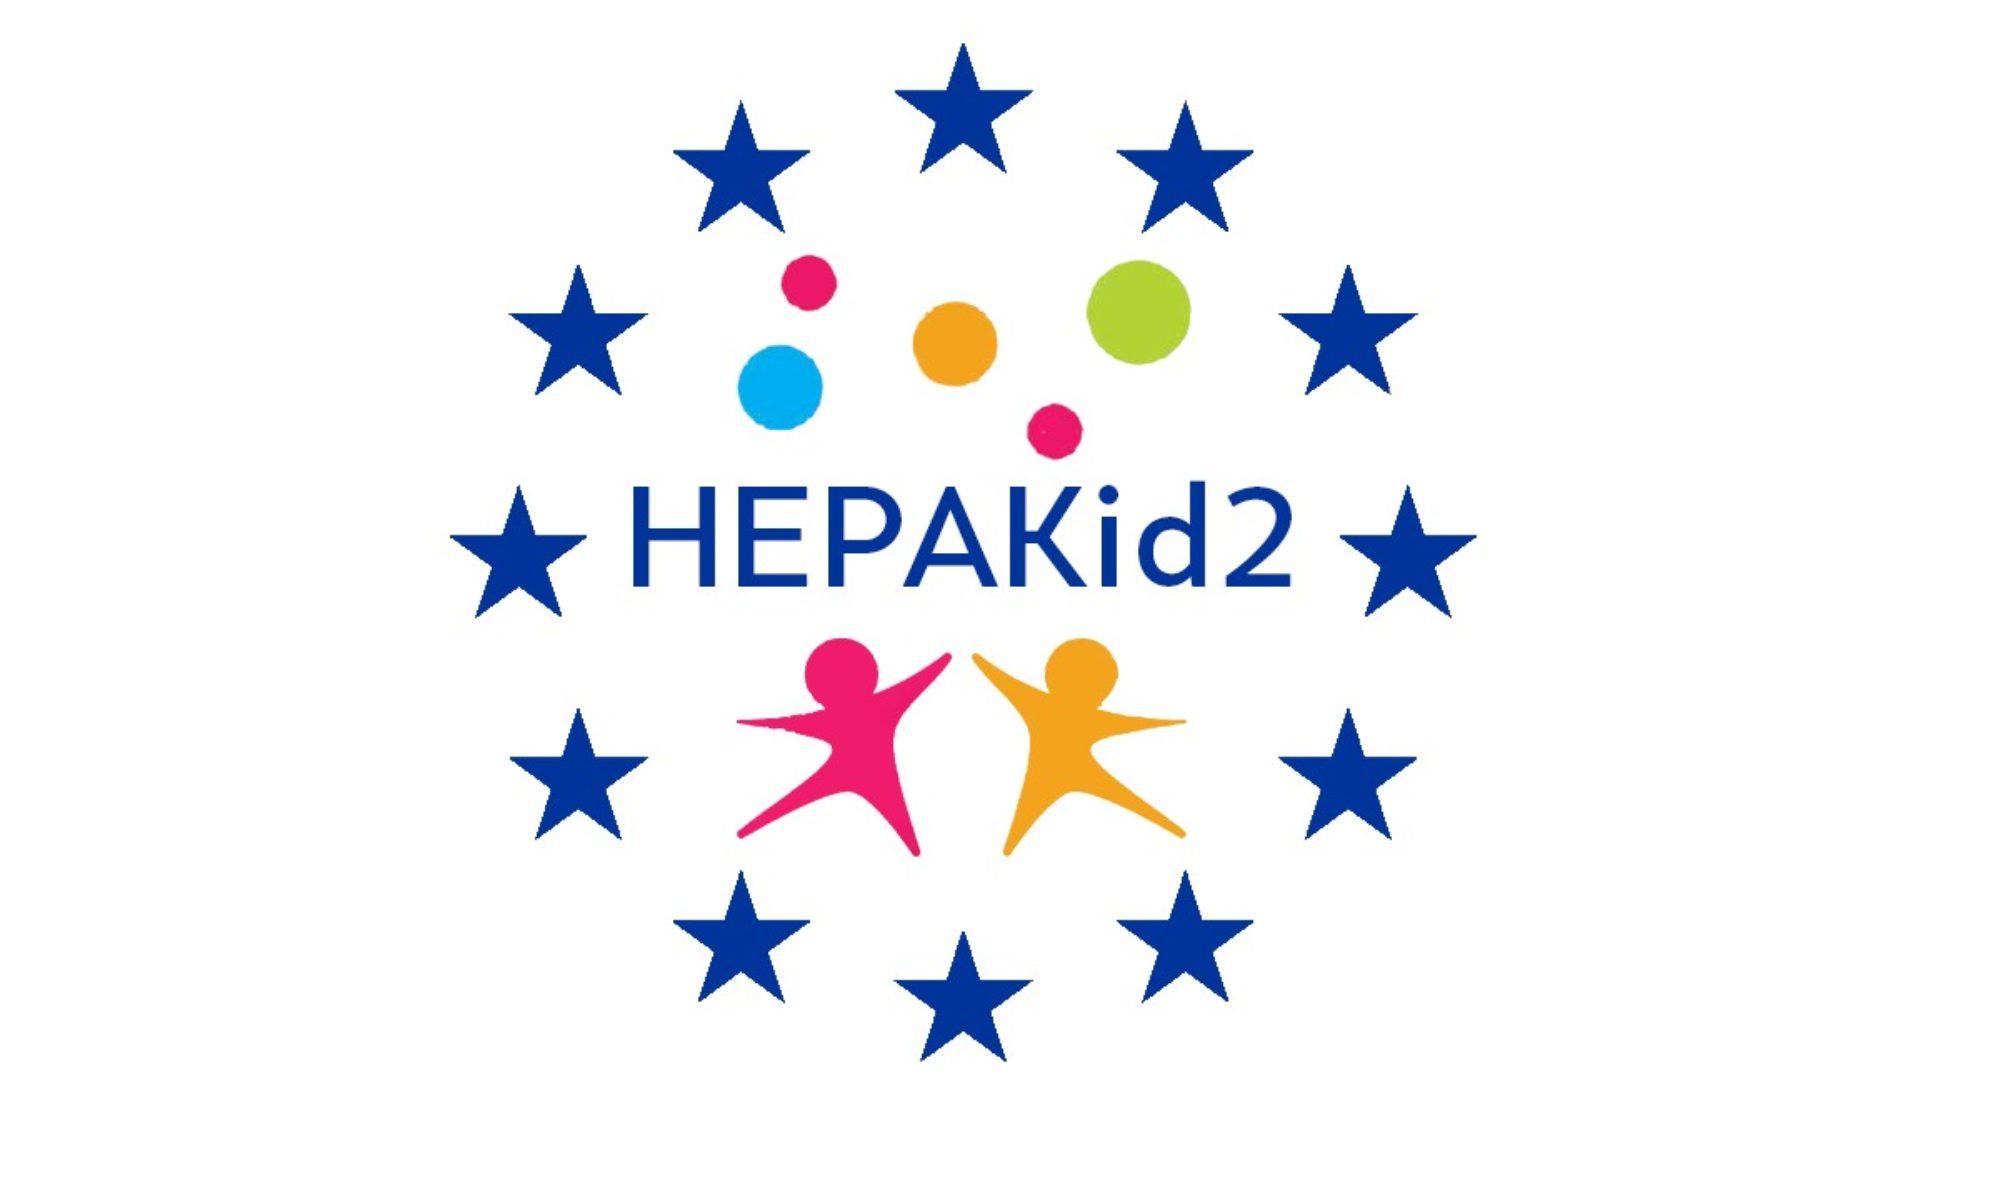 HEPAKid2